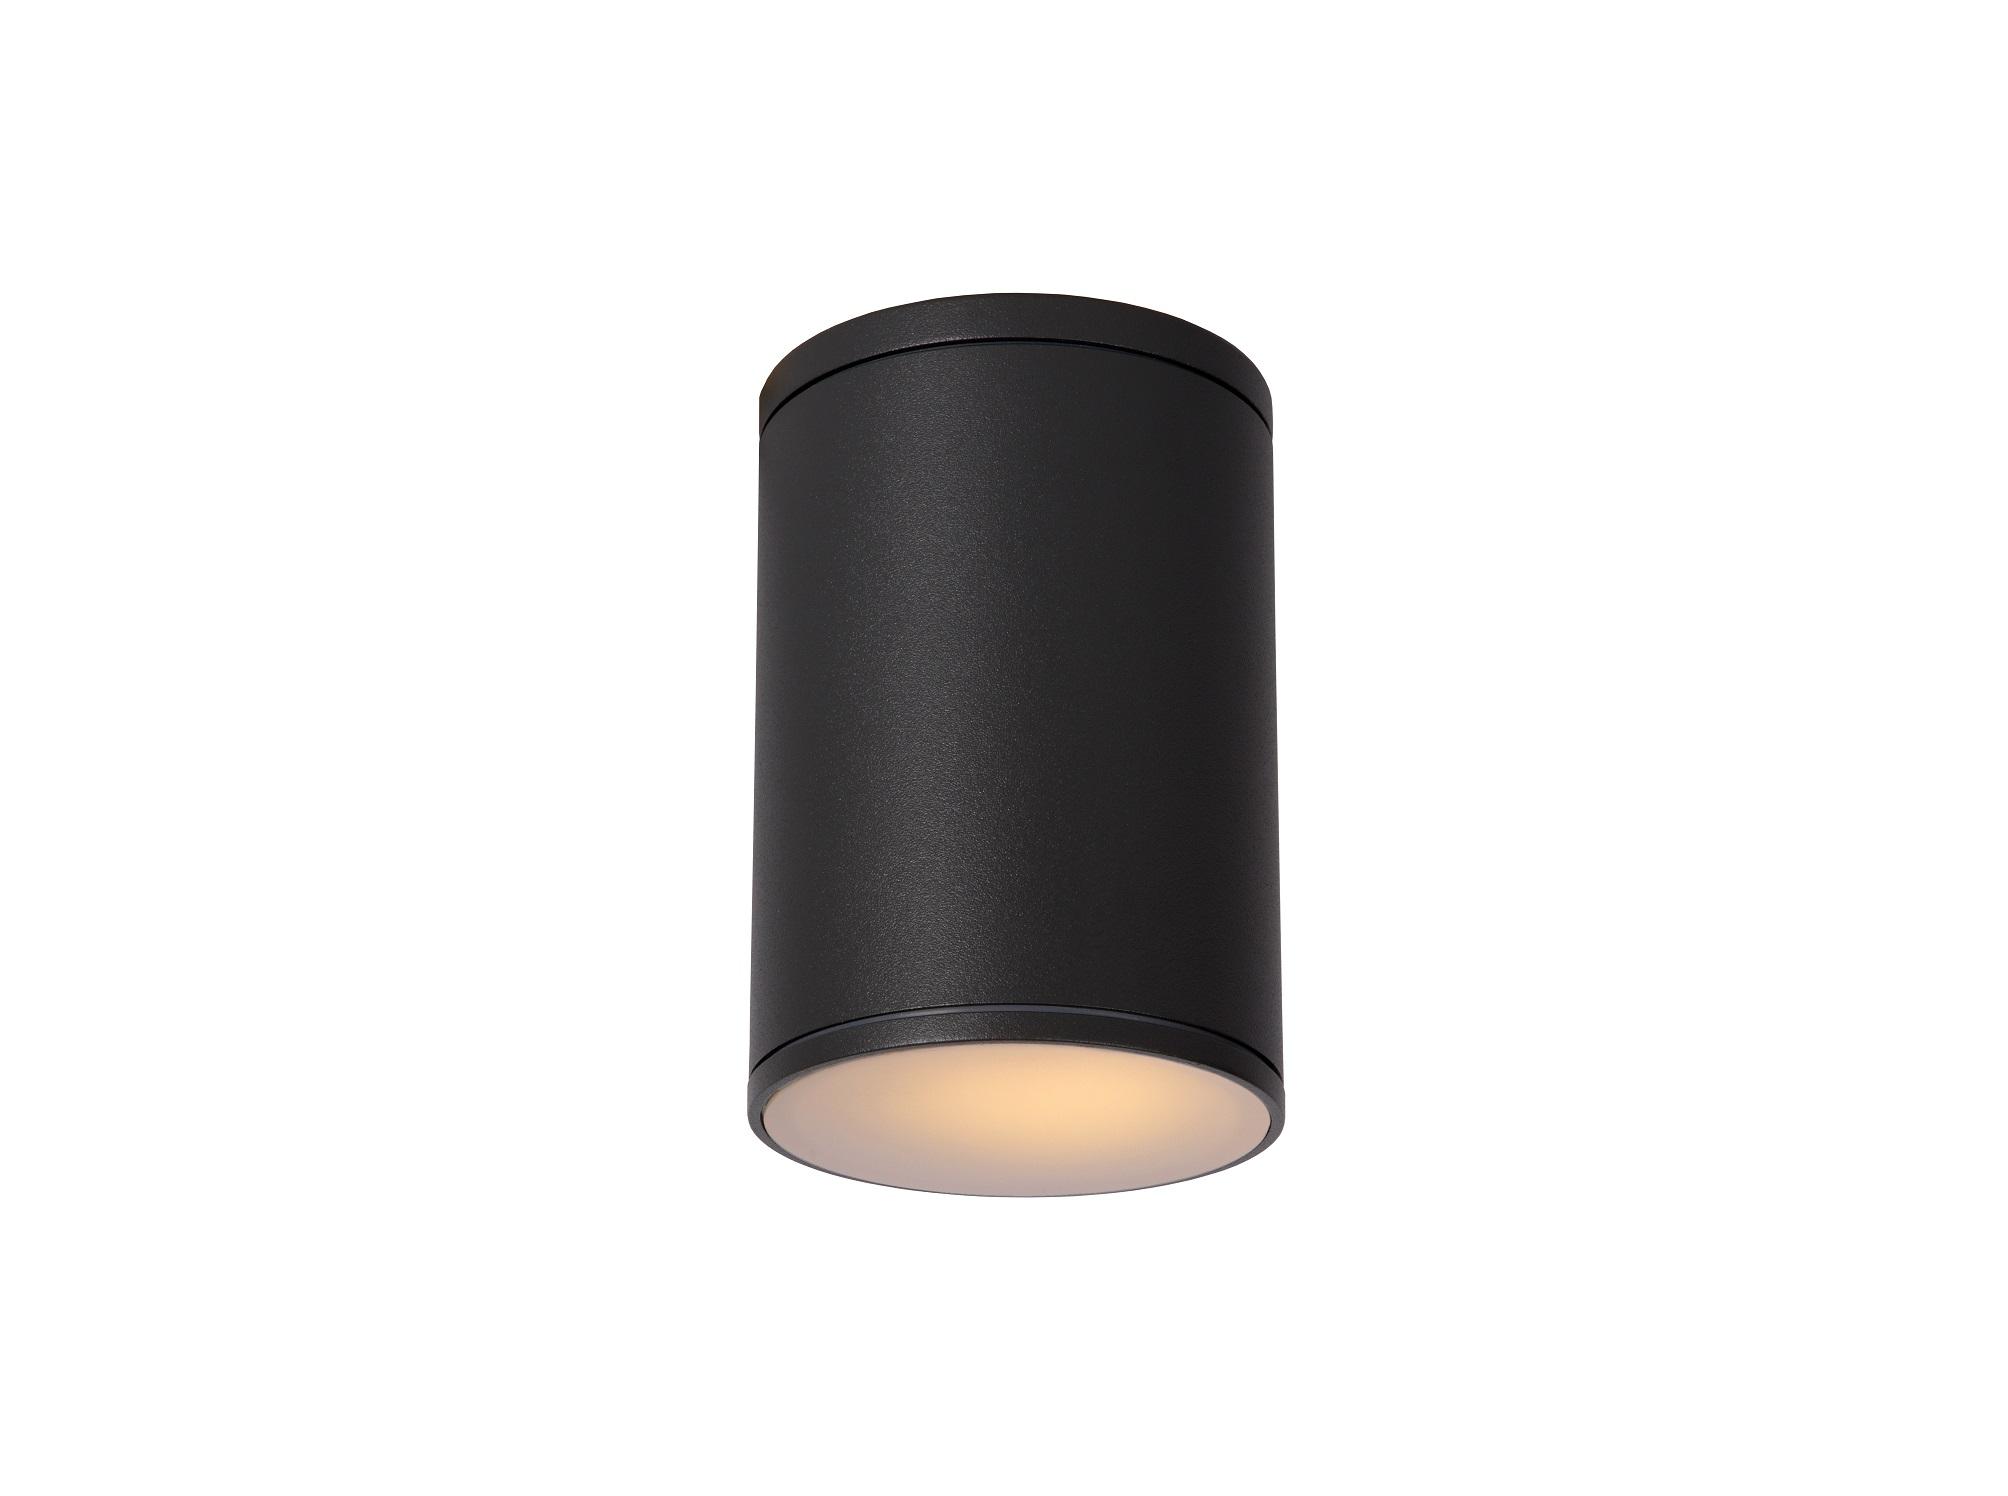 Потолочный светильник TubixУличные подвесные и потолочные светильники<br>&amp;lt;div&amp;gt;&amp;lt;div&amp;gt;Вид цоколя: E27&amp;lt;/div&amp;gt;&amp;lt;div&amp;gt;Мощность: &amp;amp;nbsp;60W&amp;amp;nbsp;&amp;lt;/div&amp;gt;&amp;lt;div&amp;gt;Количество ламп: 1 (нет в комплекте)&amp;lt;/div&amp;gt;&amp;lt;/div&amp;gt;<br><br>Material: Металл<br>Высота см: 15